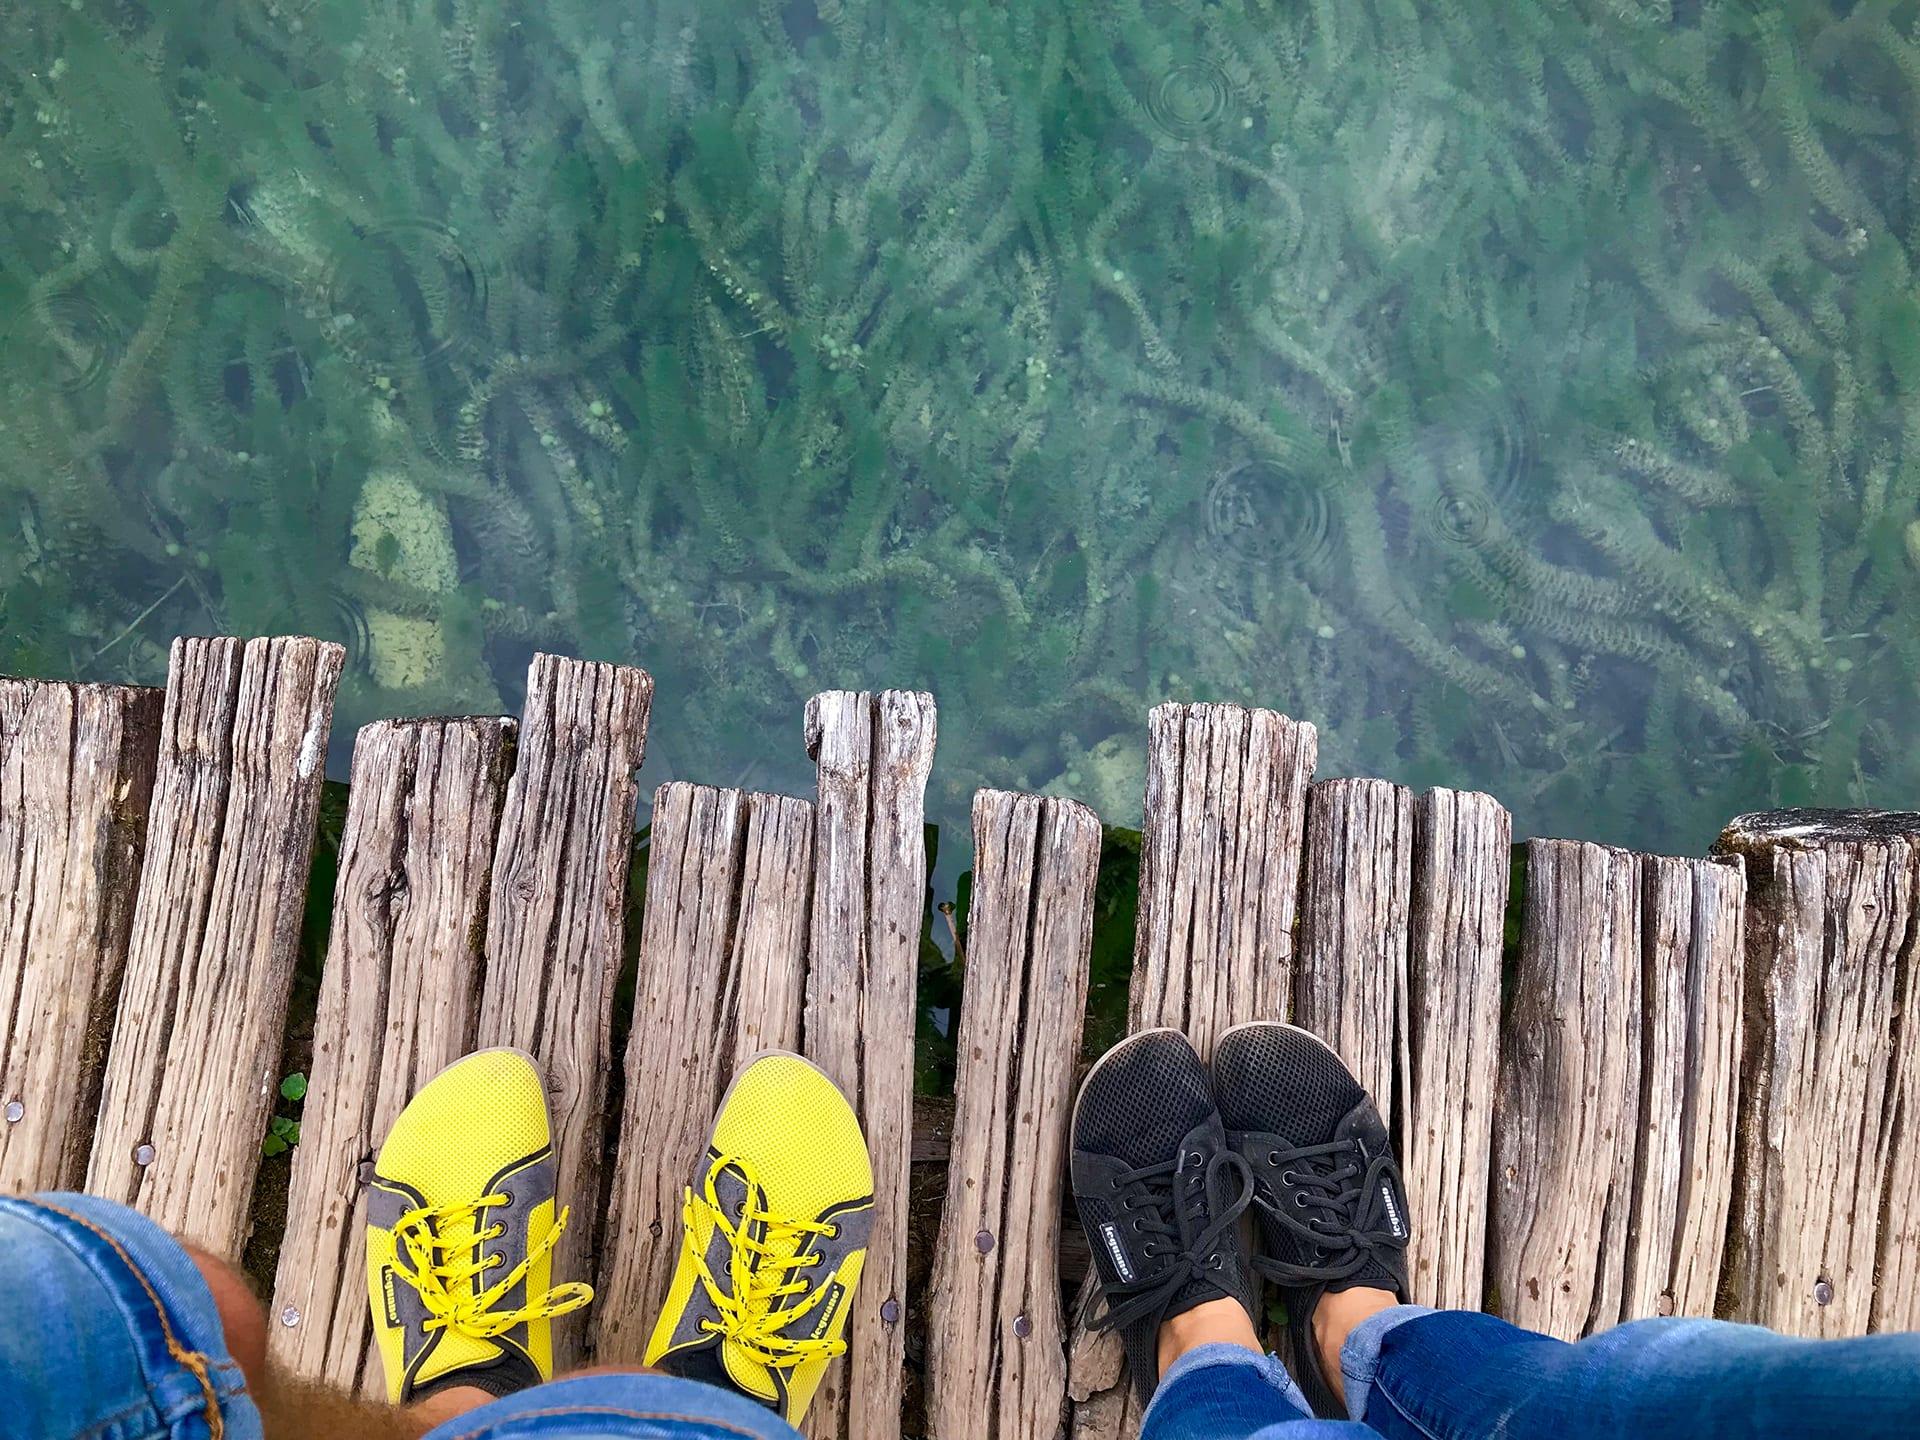 Packliste Wandern; die richtigen Wanderschuhe;